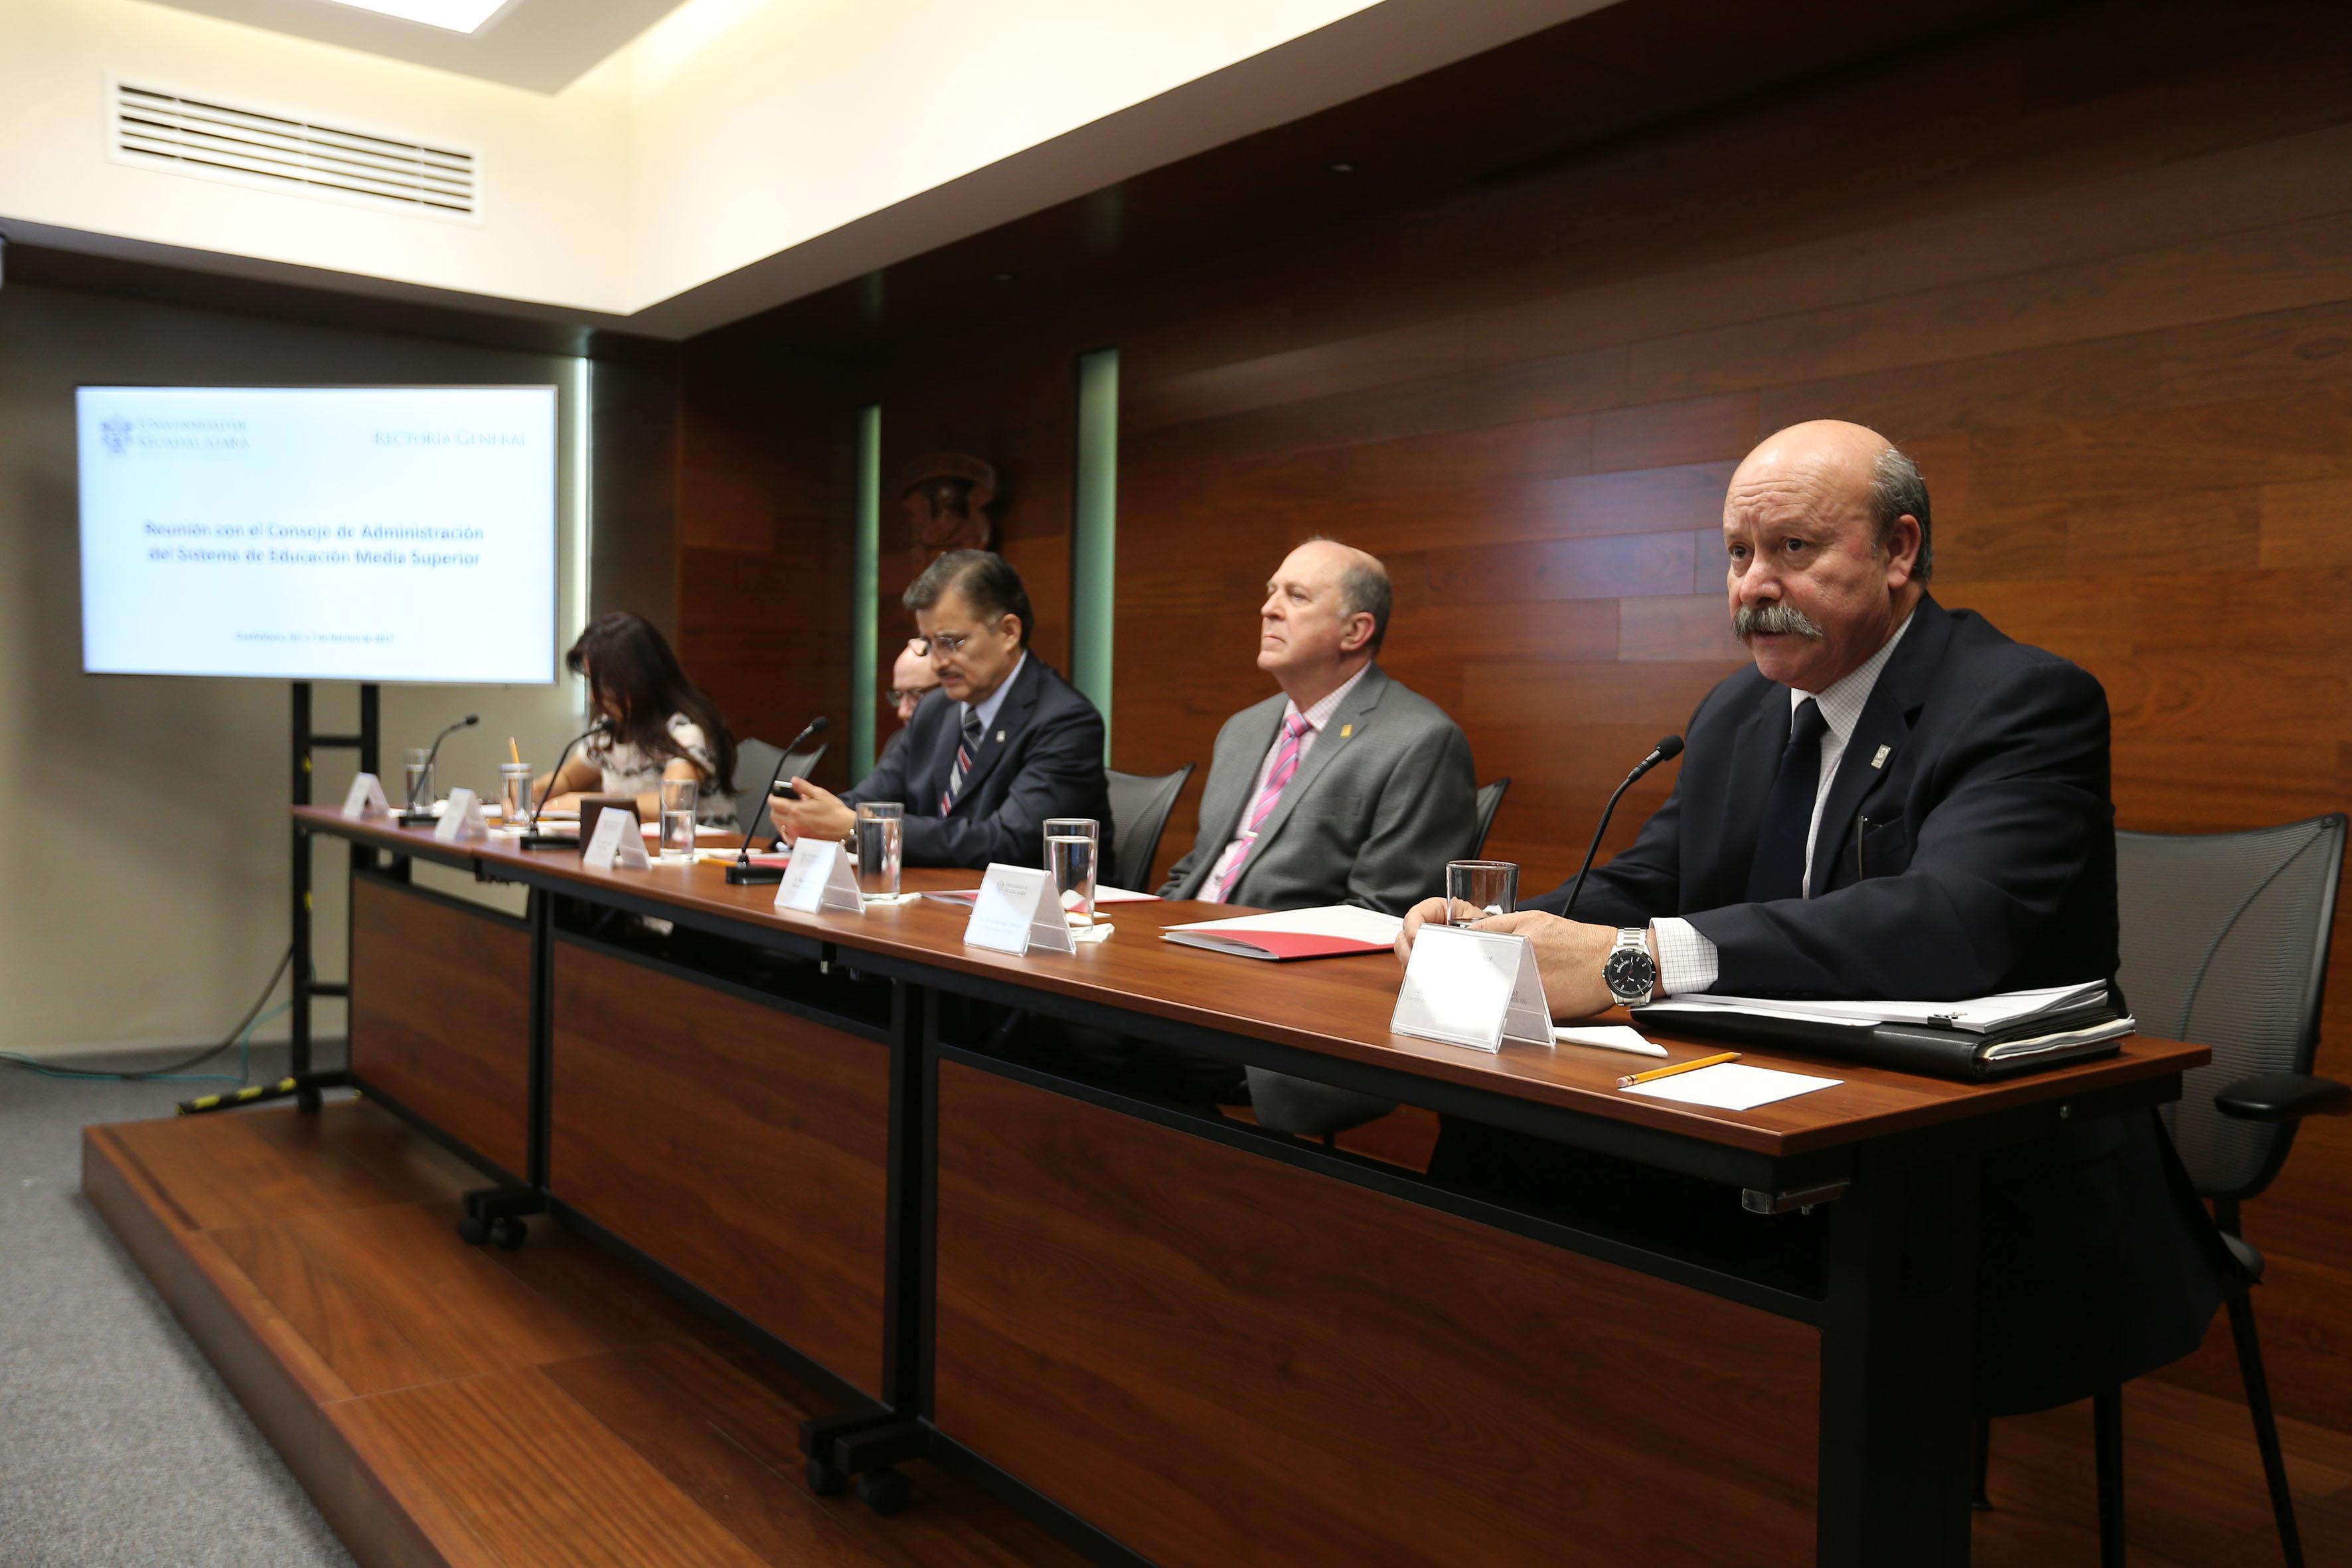 Reunión del Consejo de Administración del SEMS